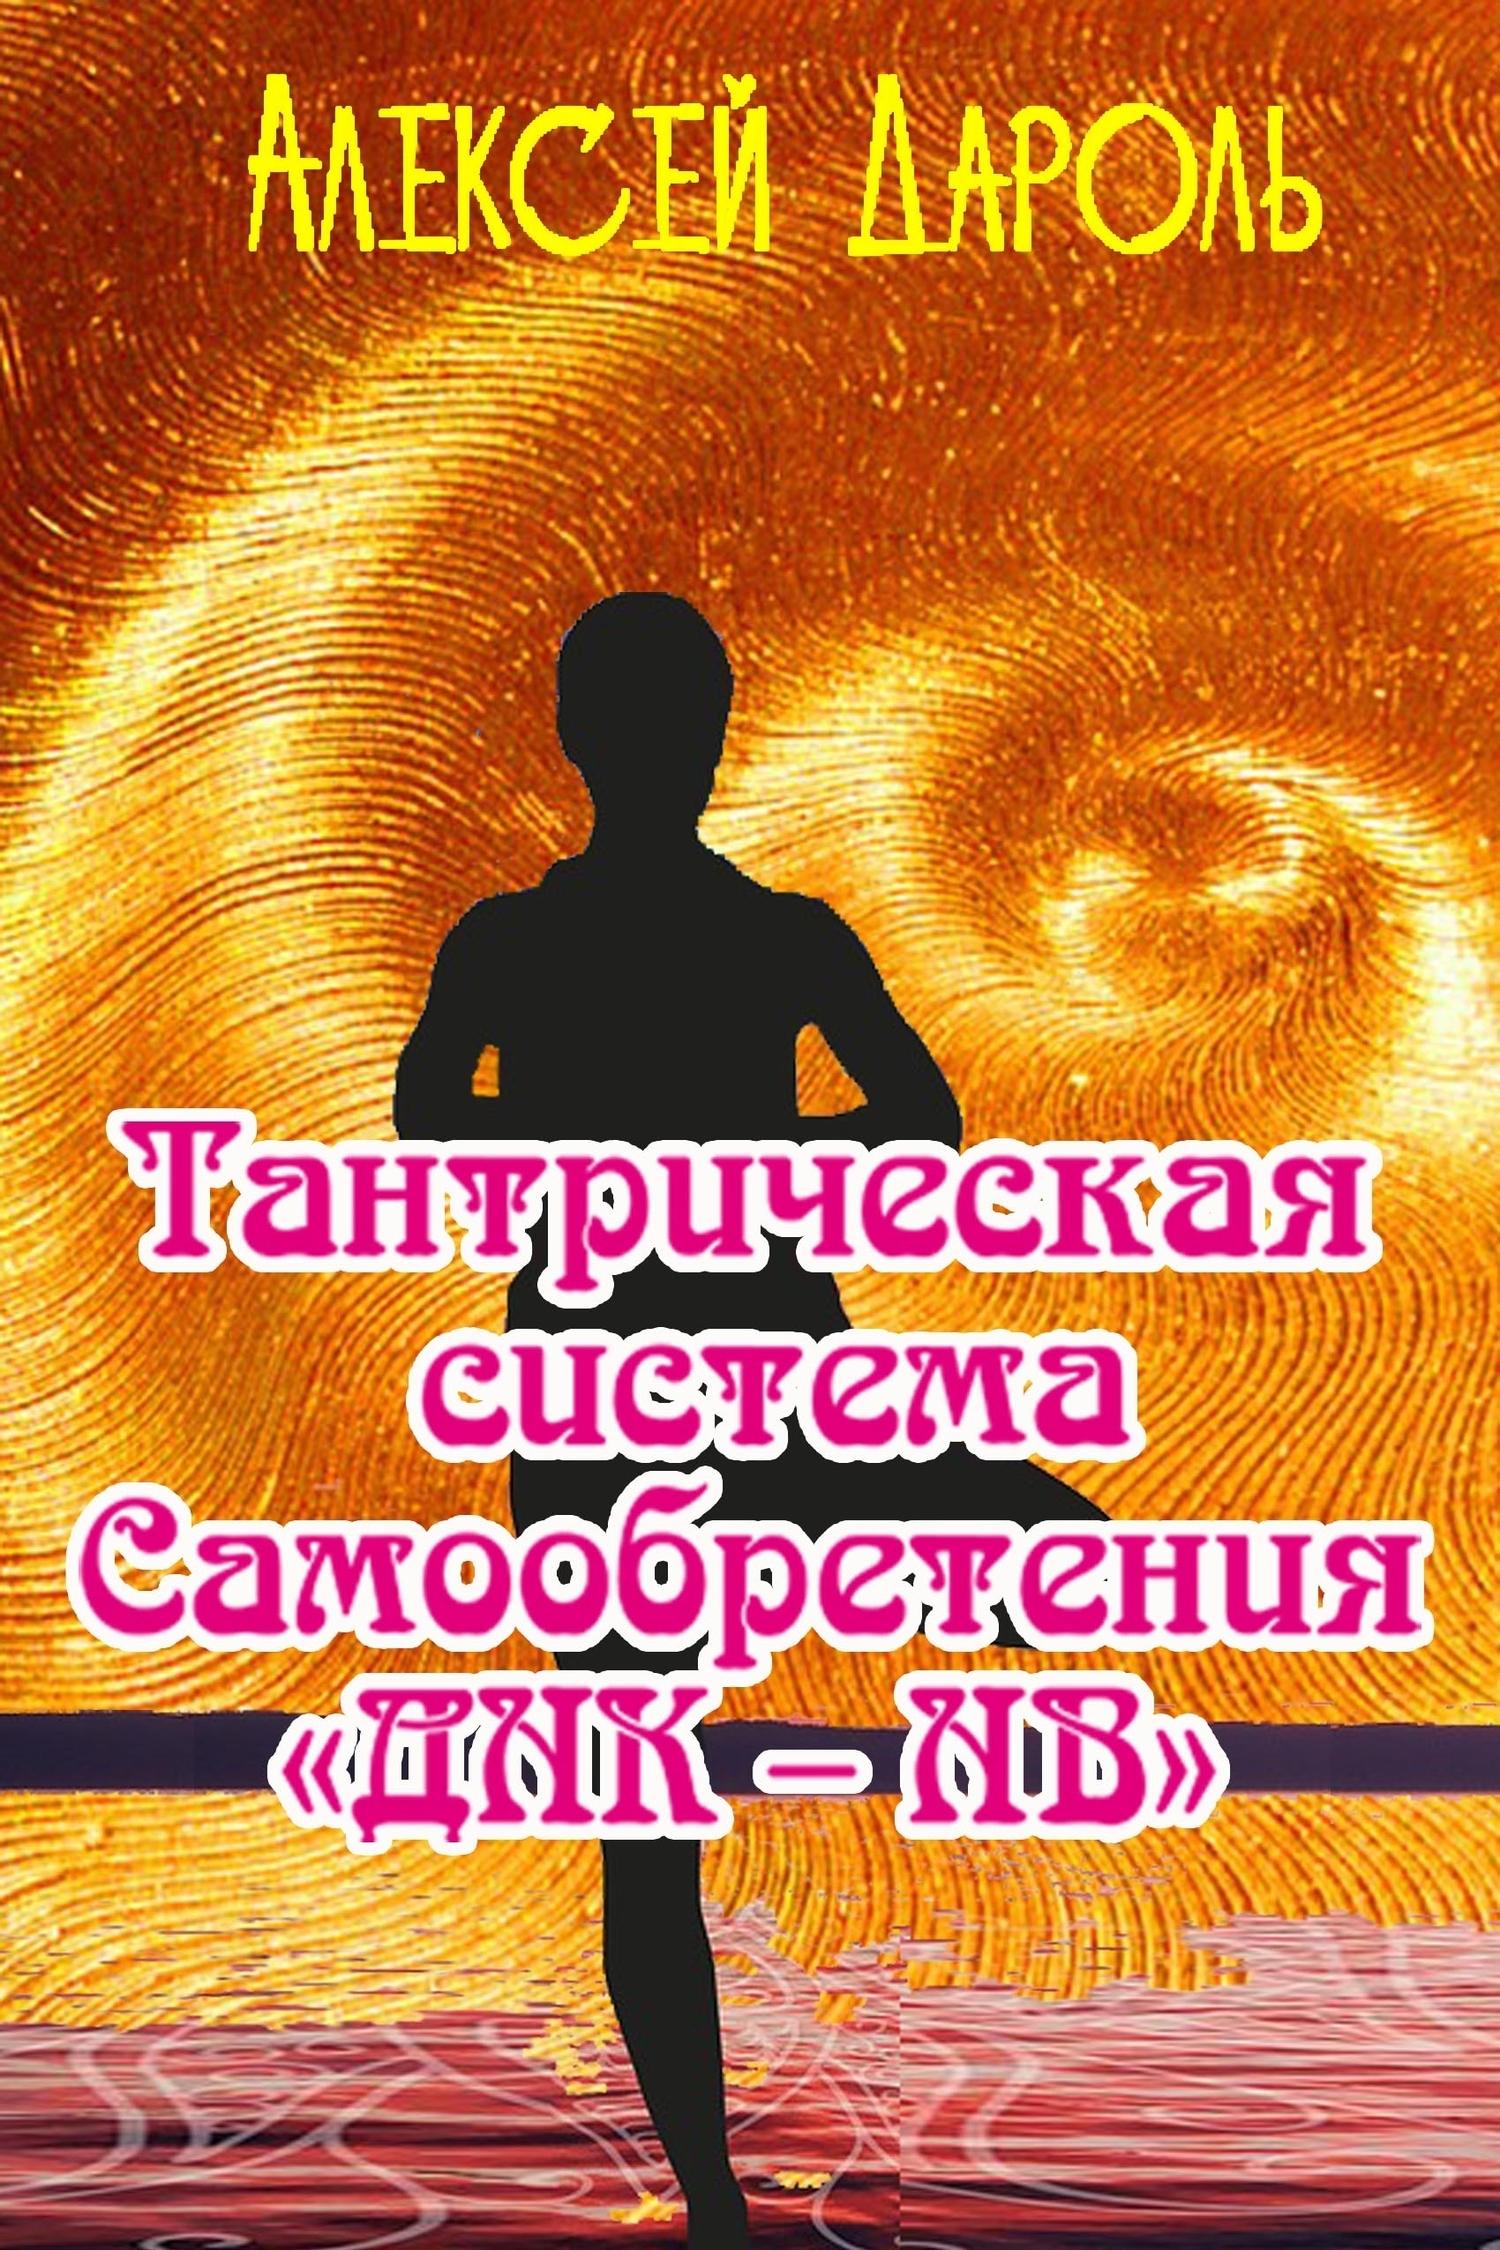 Алексей Дароль «Тантрическая система Самообретения «ДНК – НВ»»